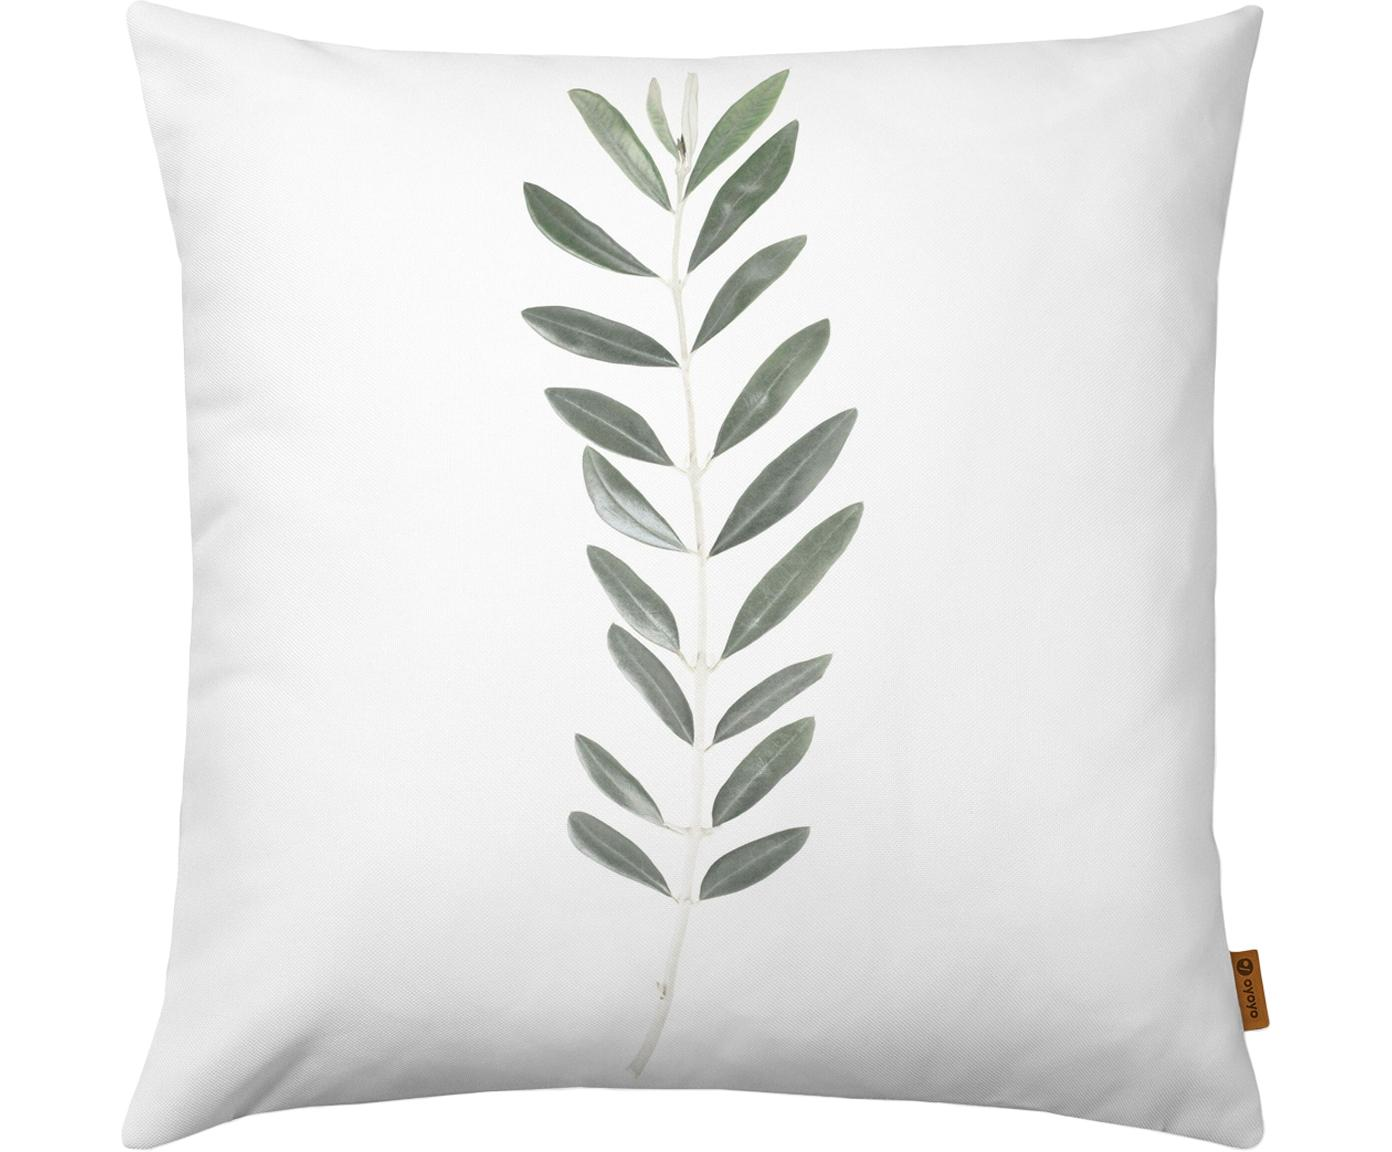 Poszewka na poduszkę Botanical, Poliester, Biały, zielony, S 40 x D 40 cm